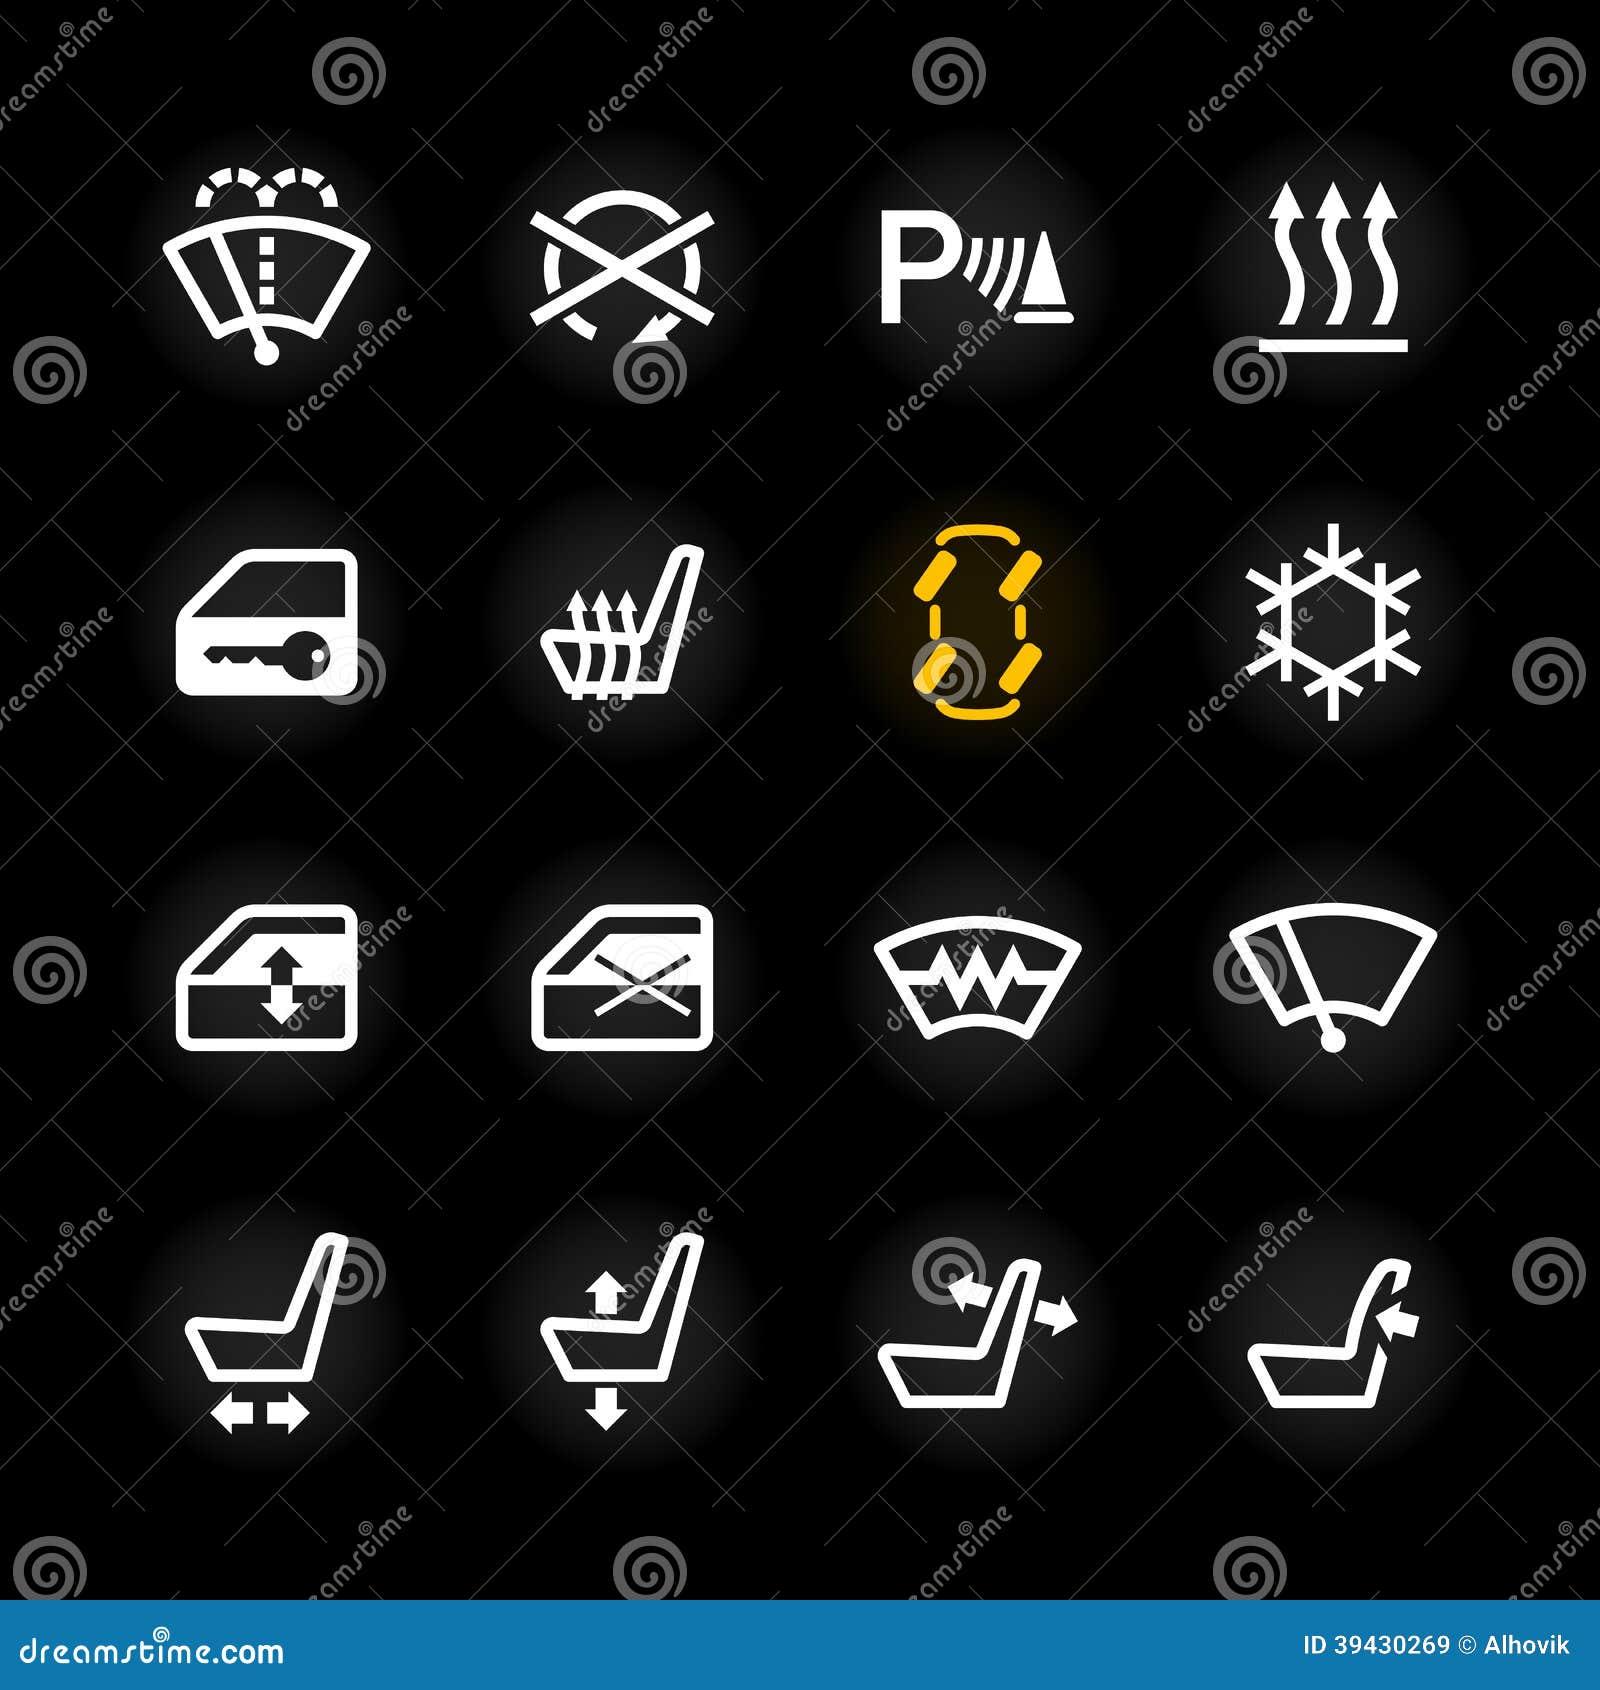 Icônes De Tableau De Bord De Voiture Illustration de Vecteur - Image: 39430269